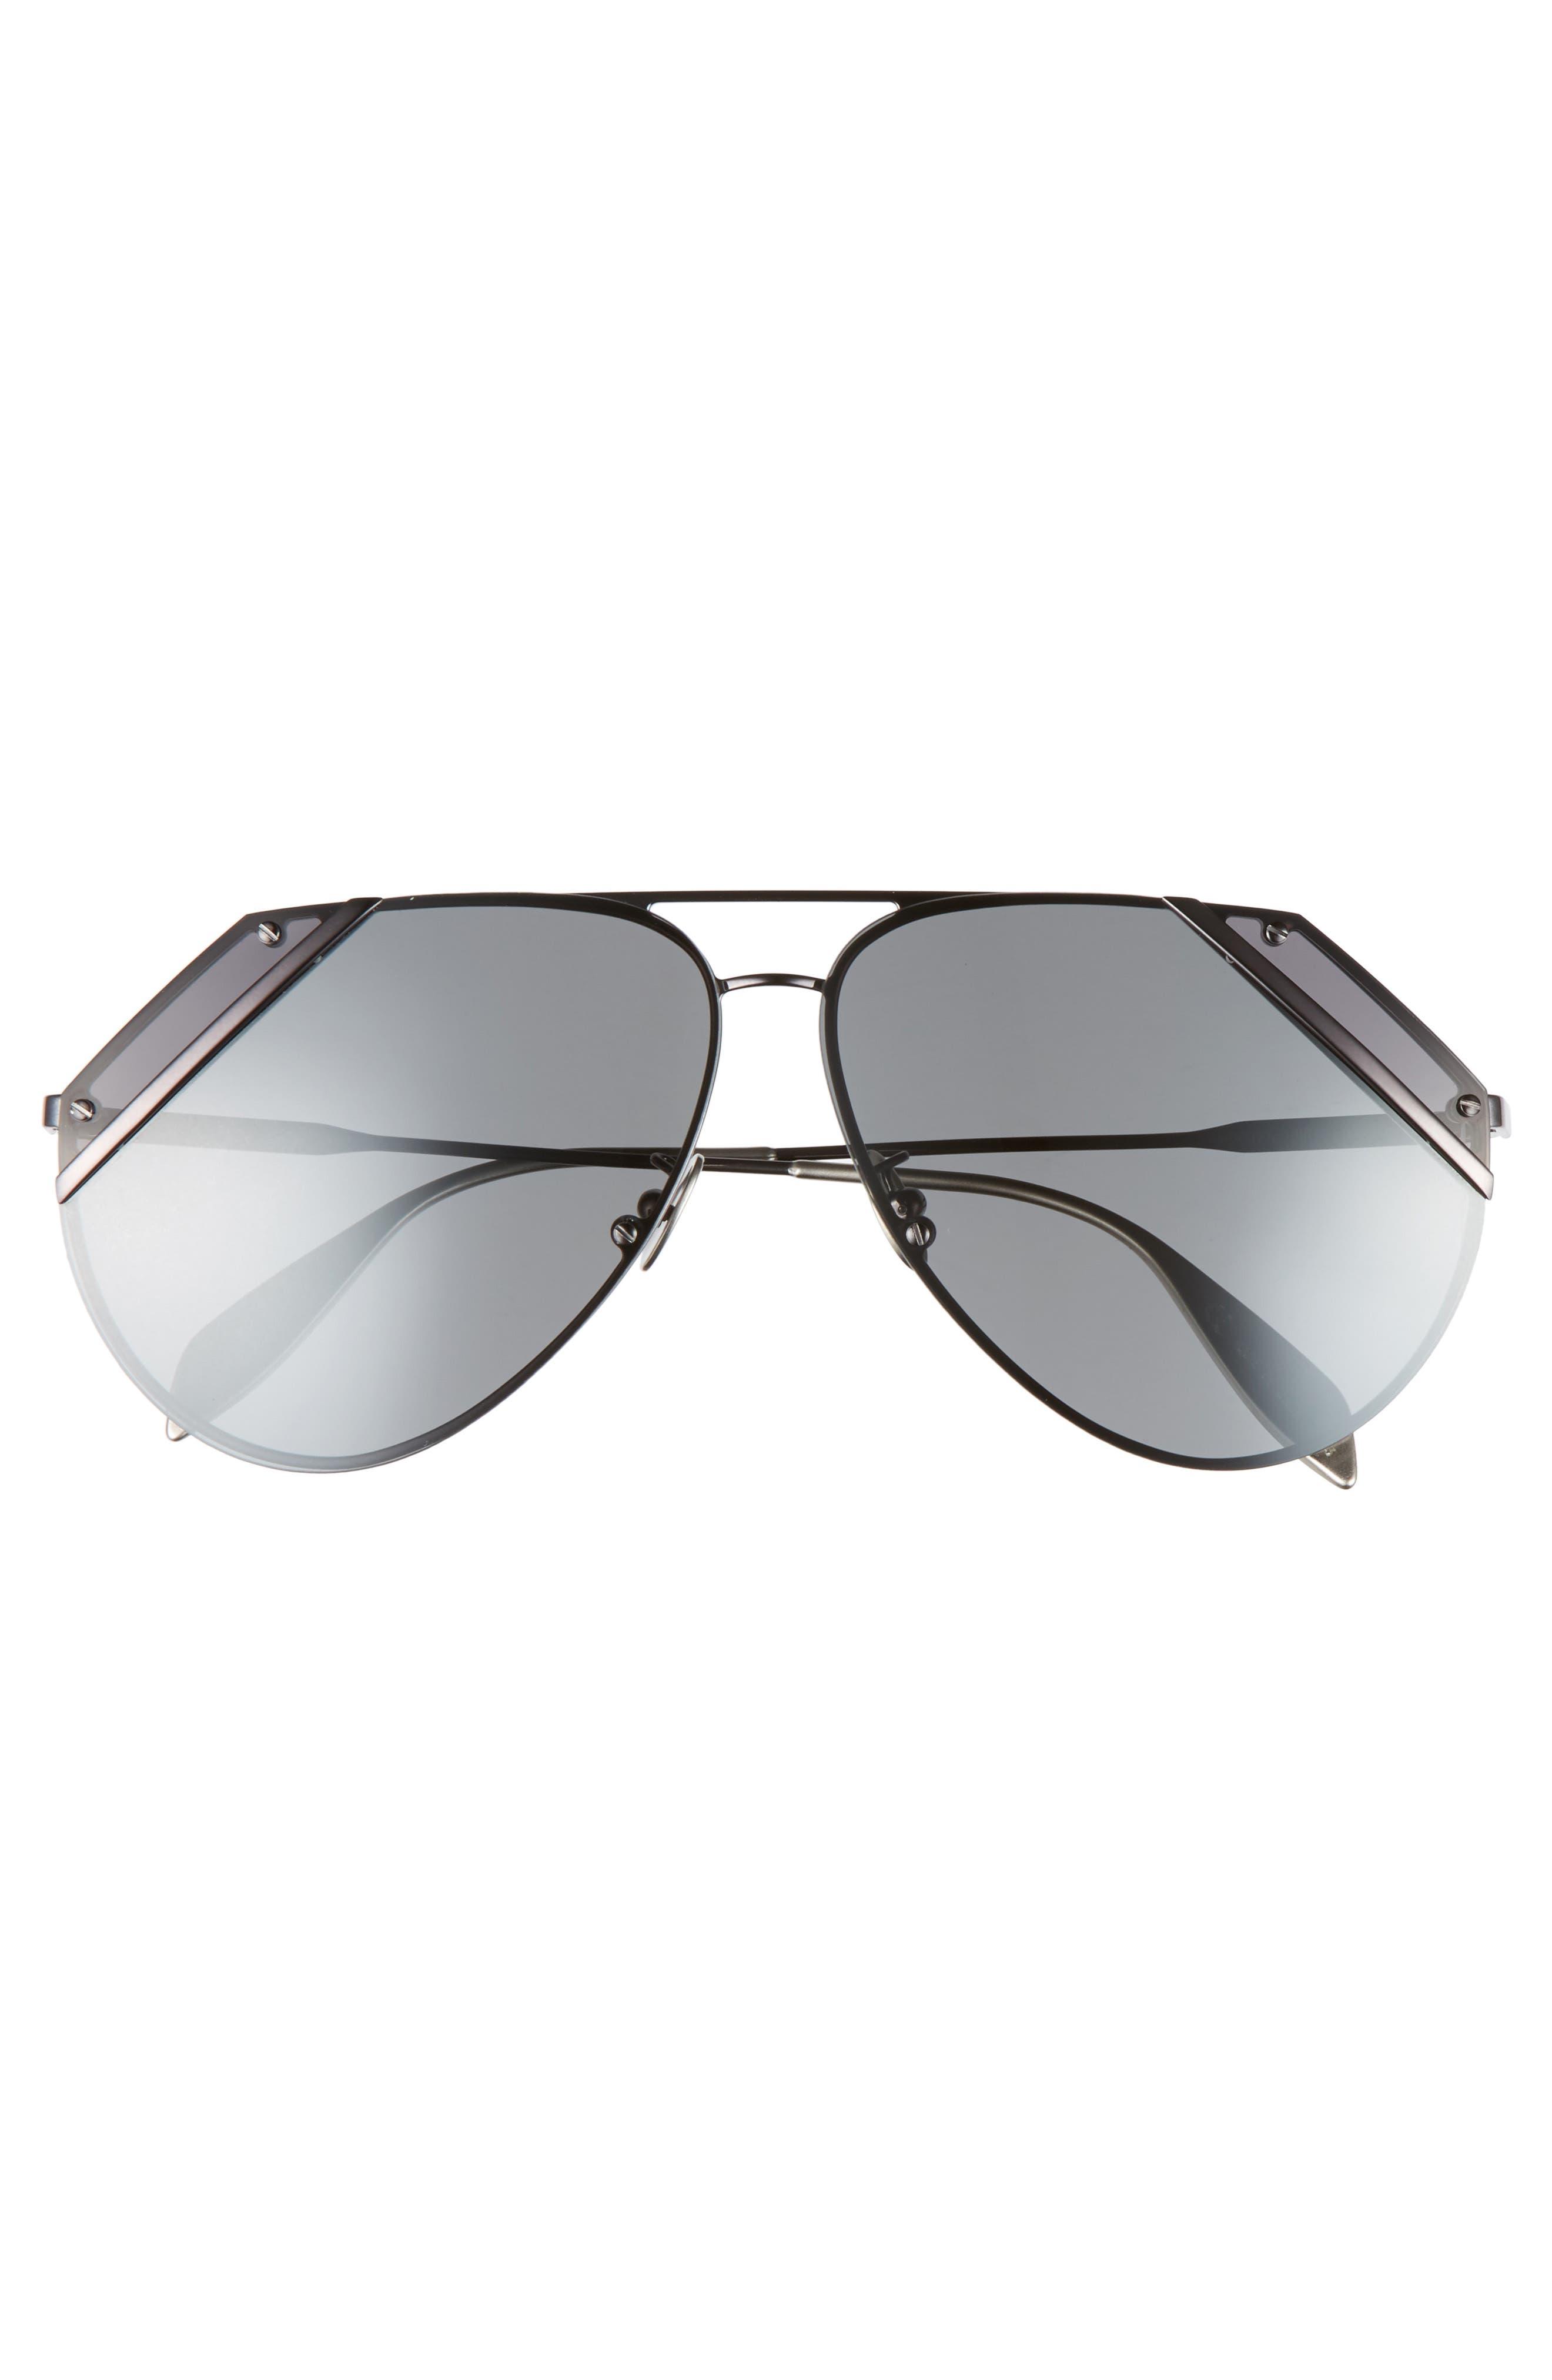 65mm Snip Frame Aviator Sunglasses,                             Alternate thumbnail 6, color,